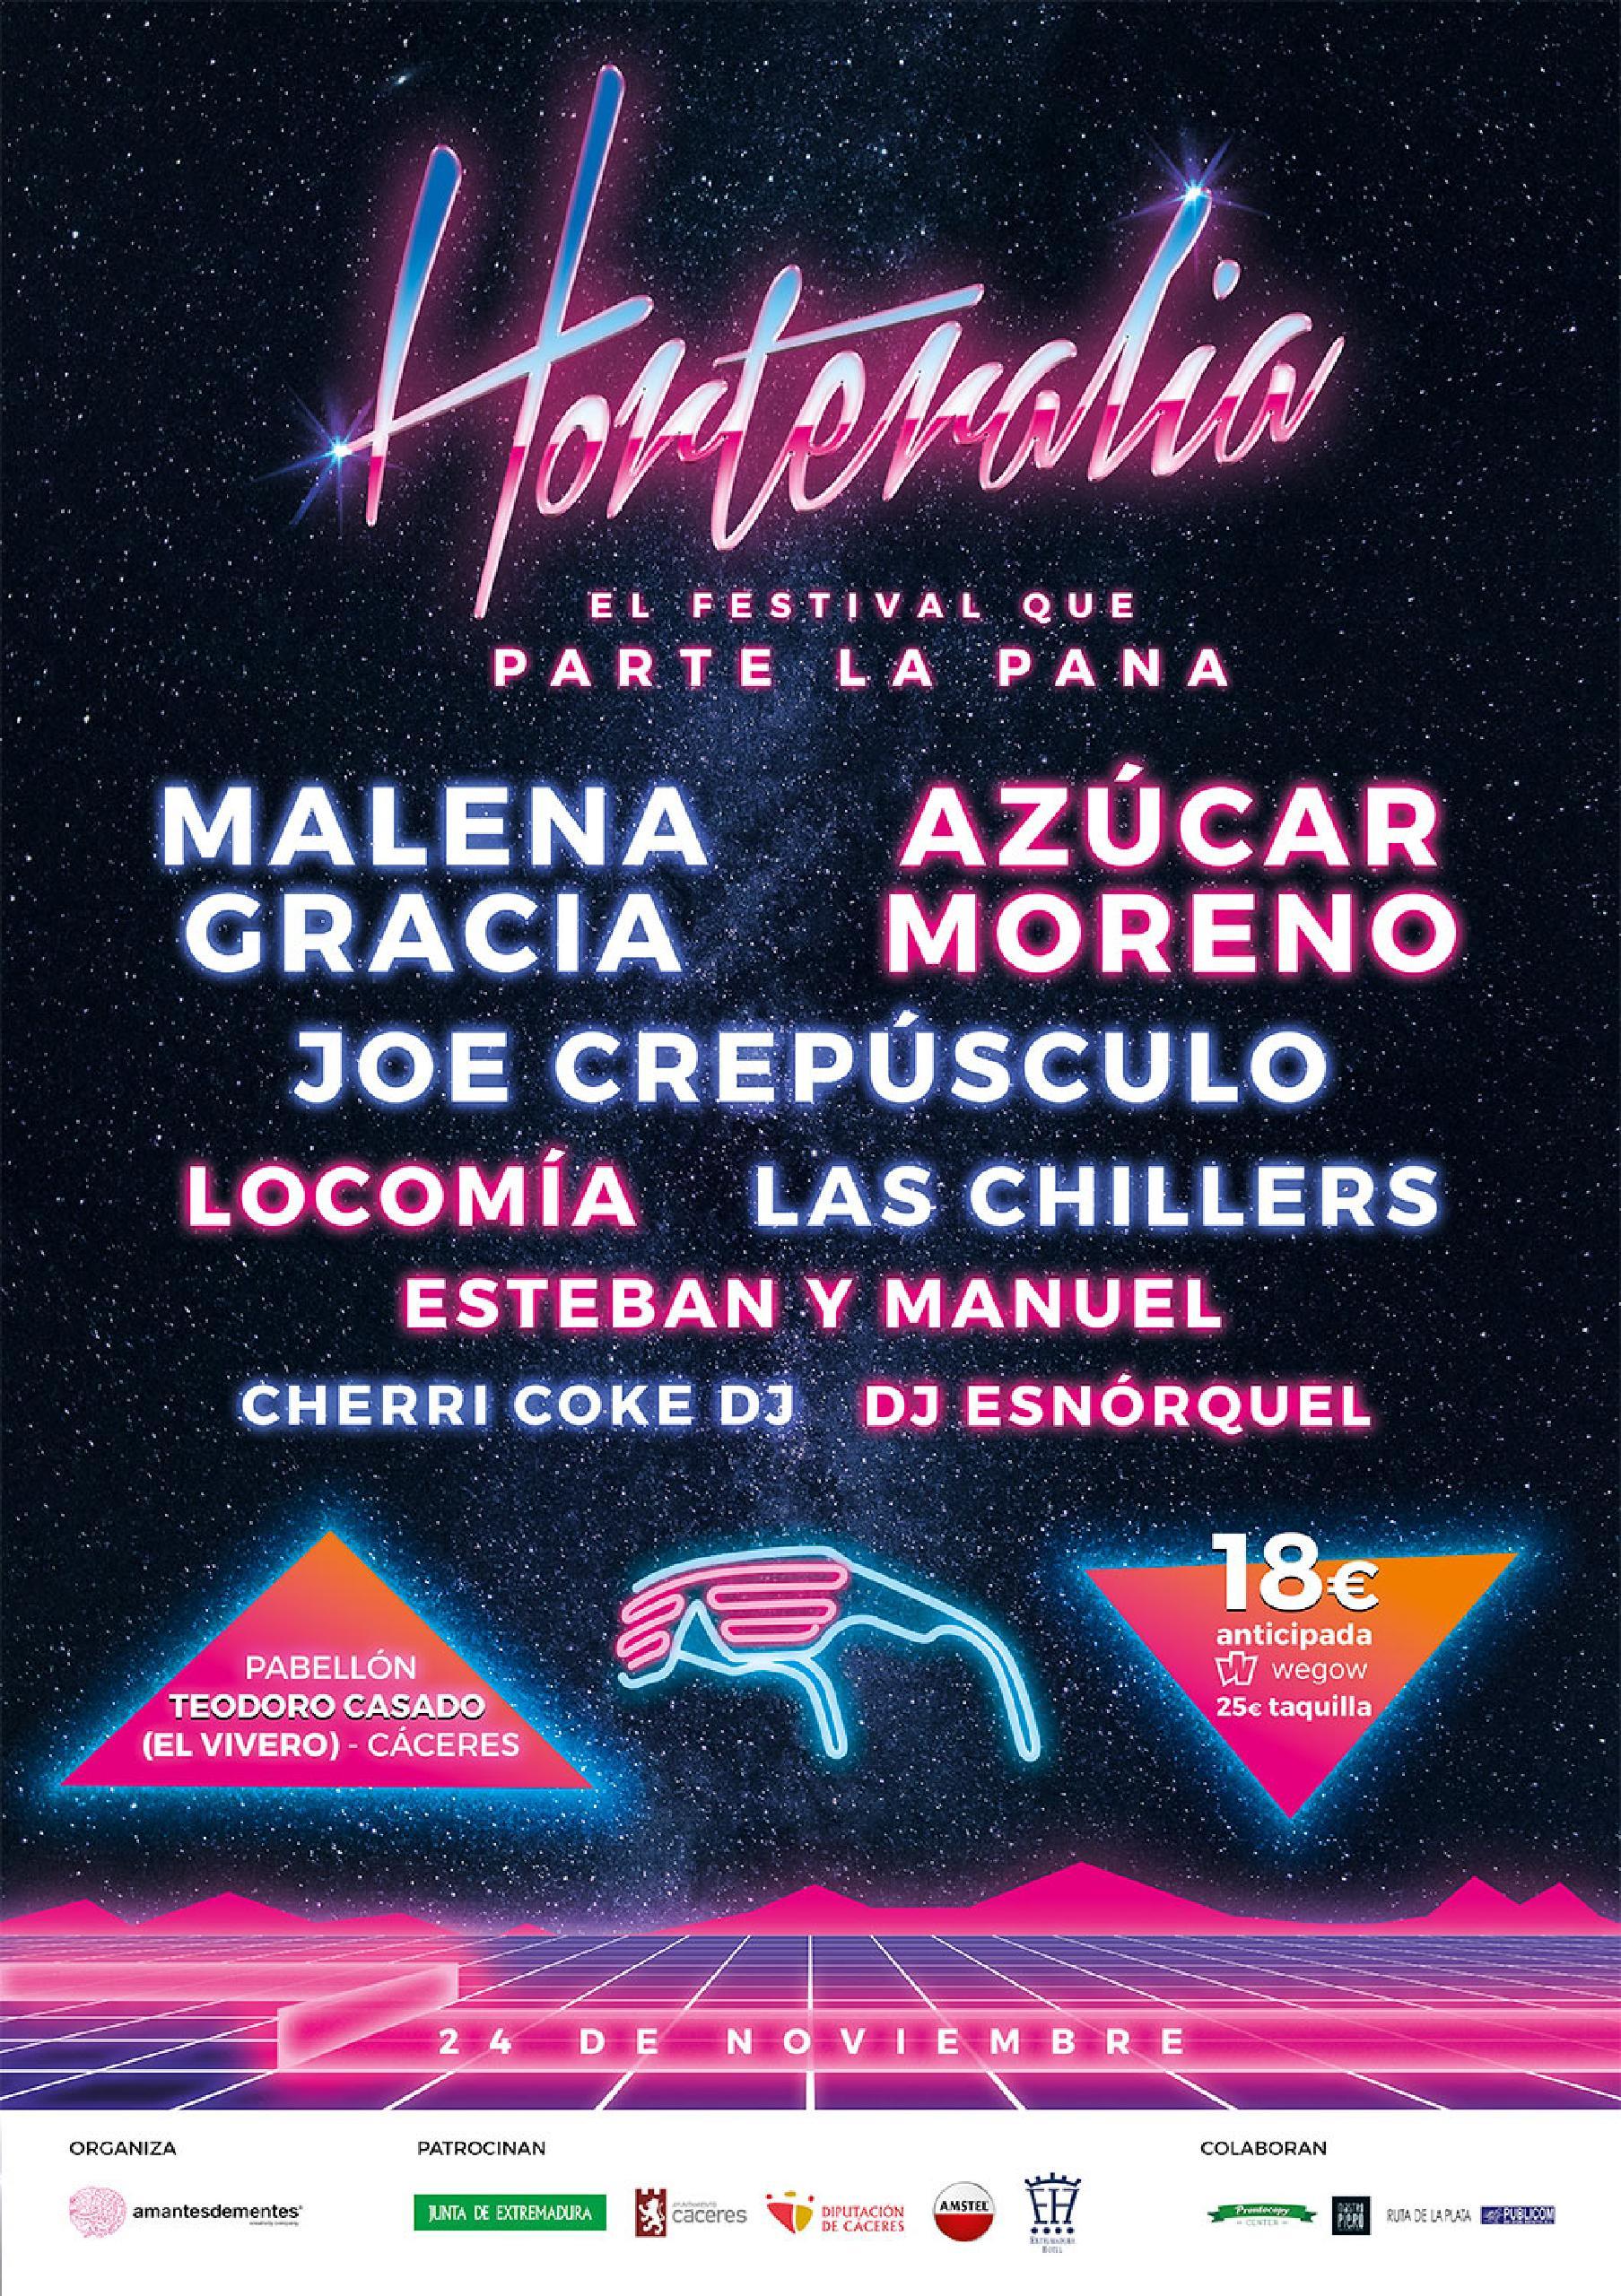 24 de noviembre en Cáceres. El festival más divertido del mundo.